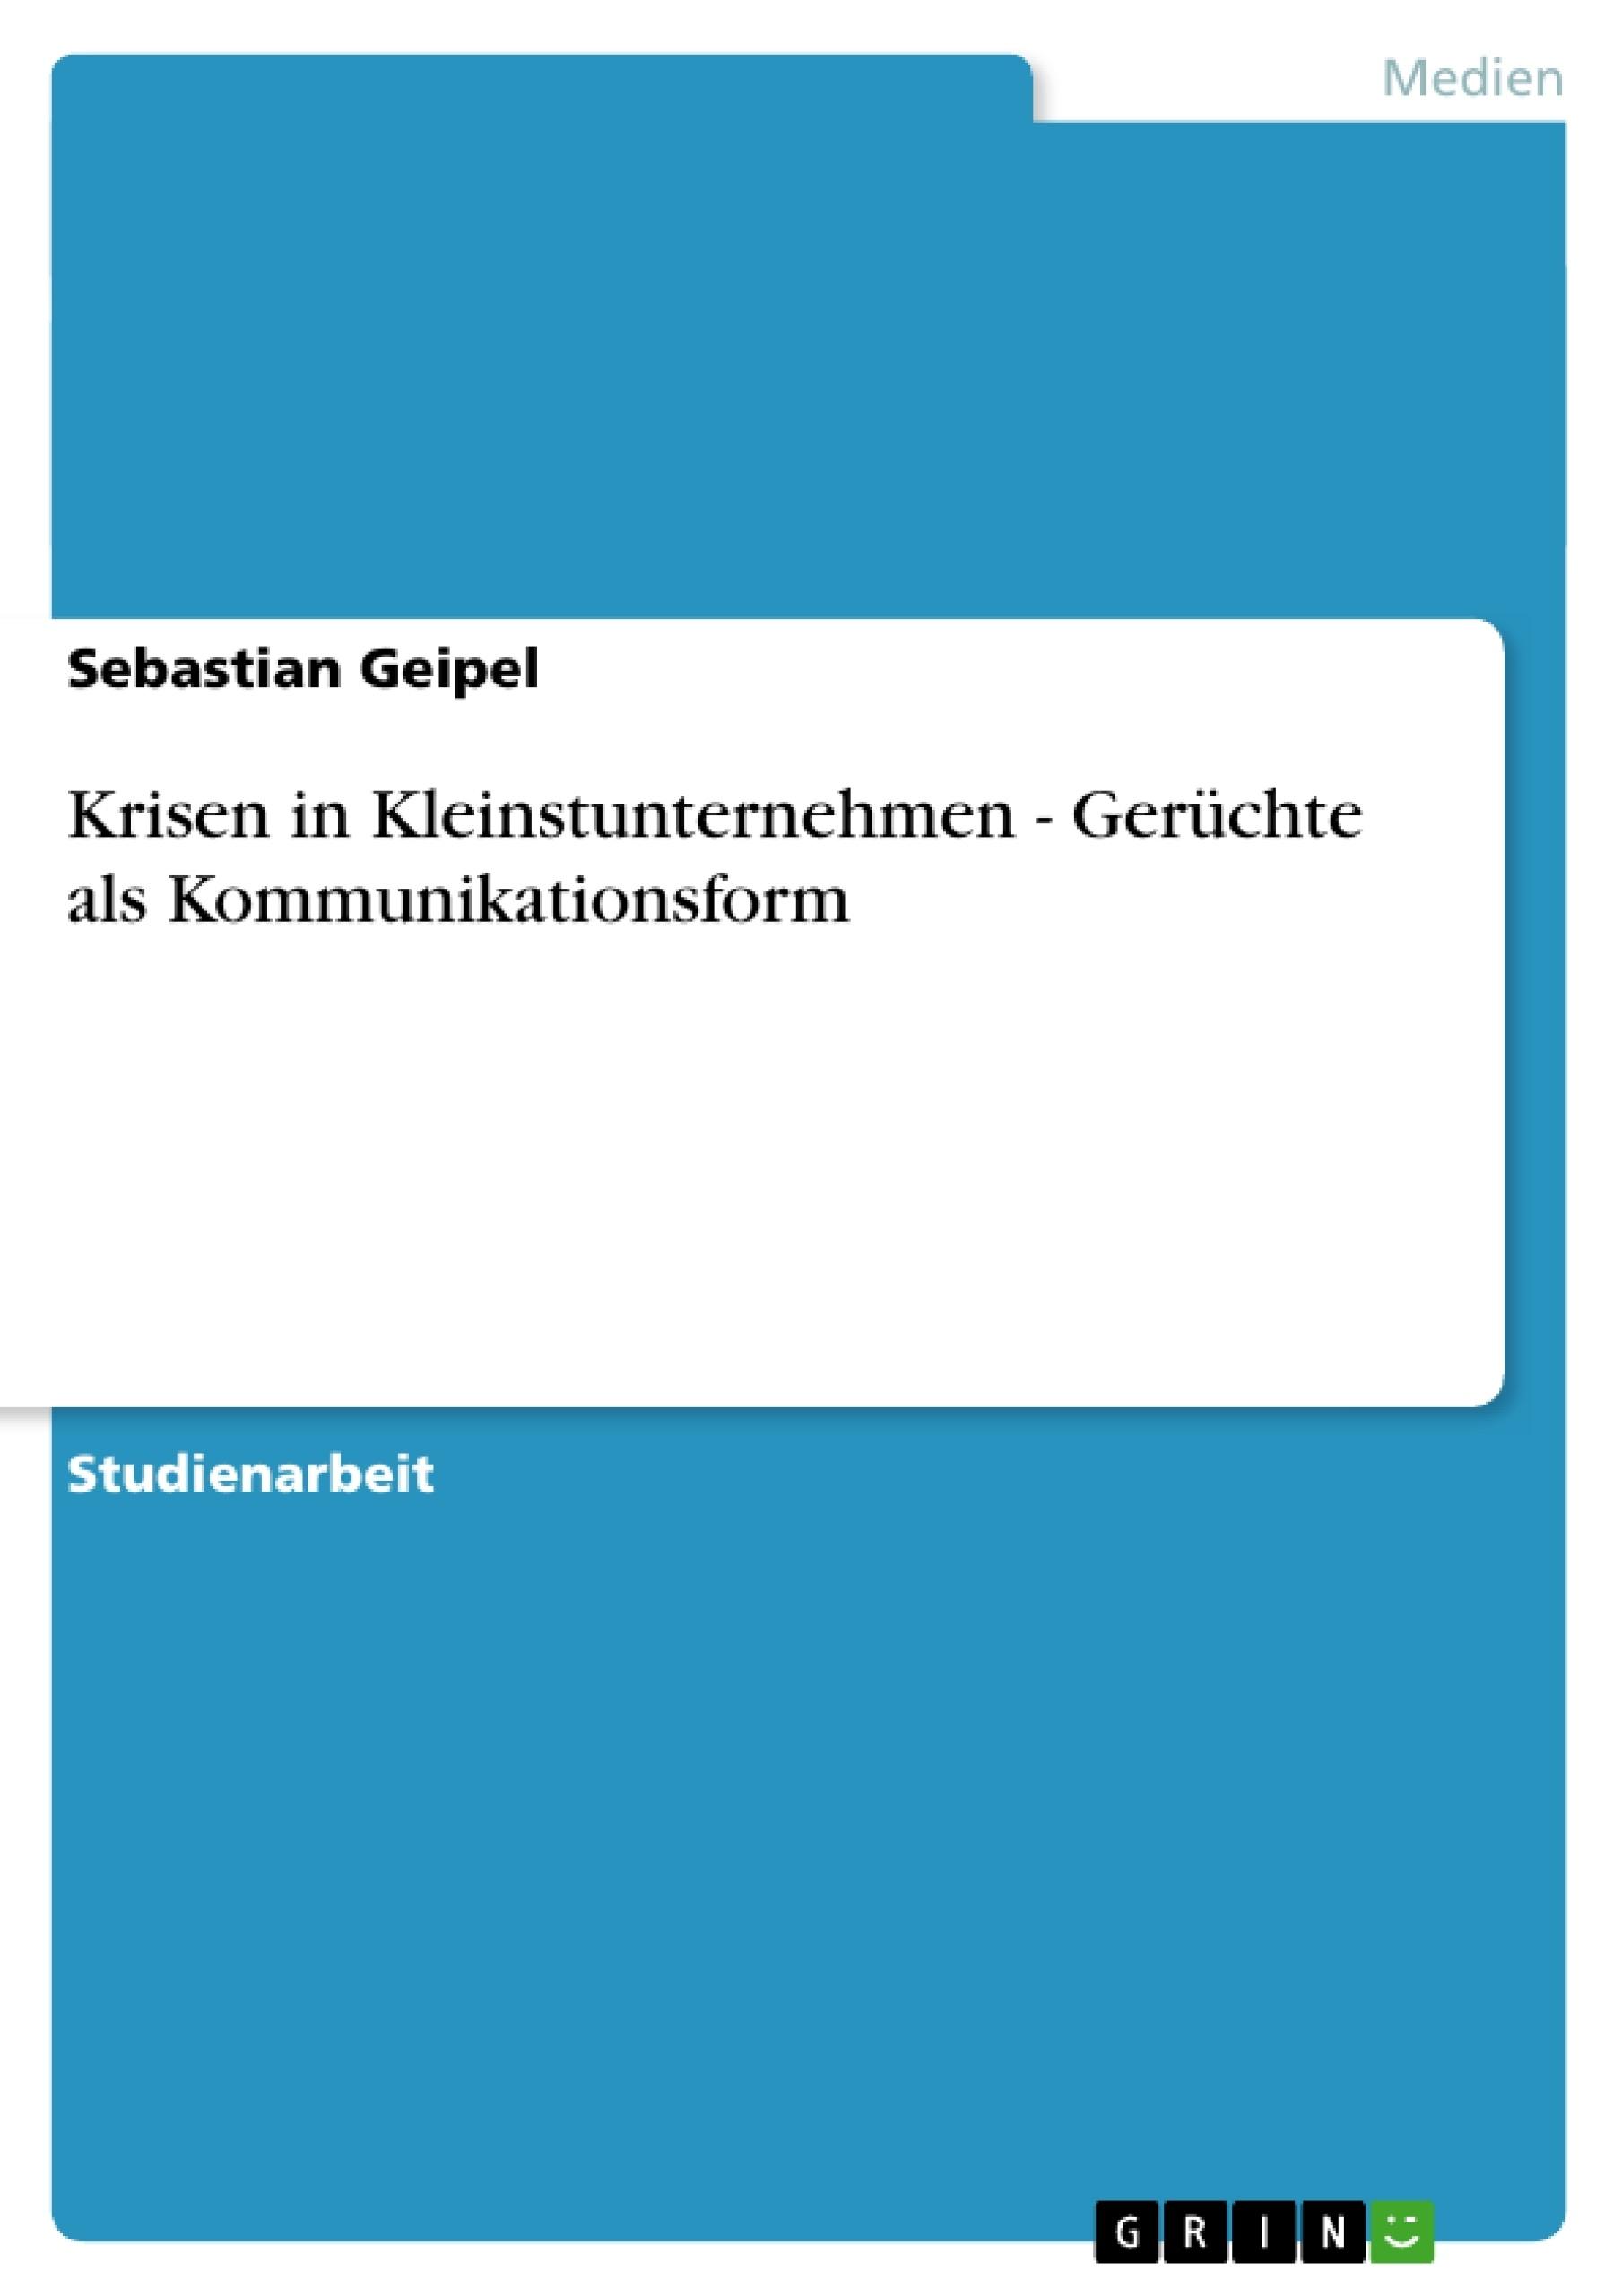 Titel: Krisen in Kleinstunternehmen - Gerüchte als Kommunikationsform